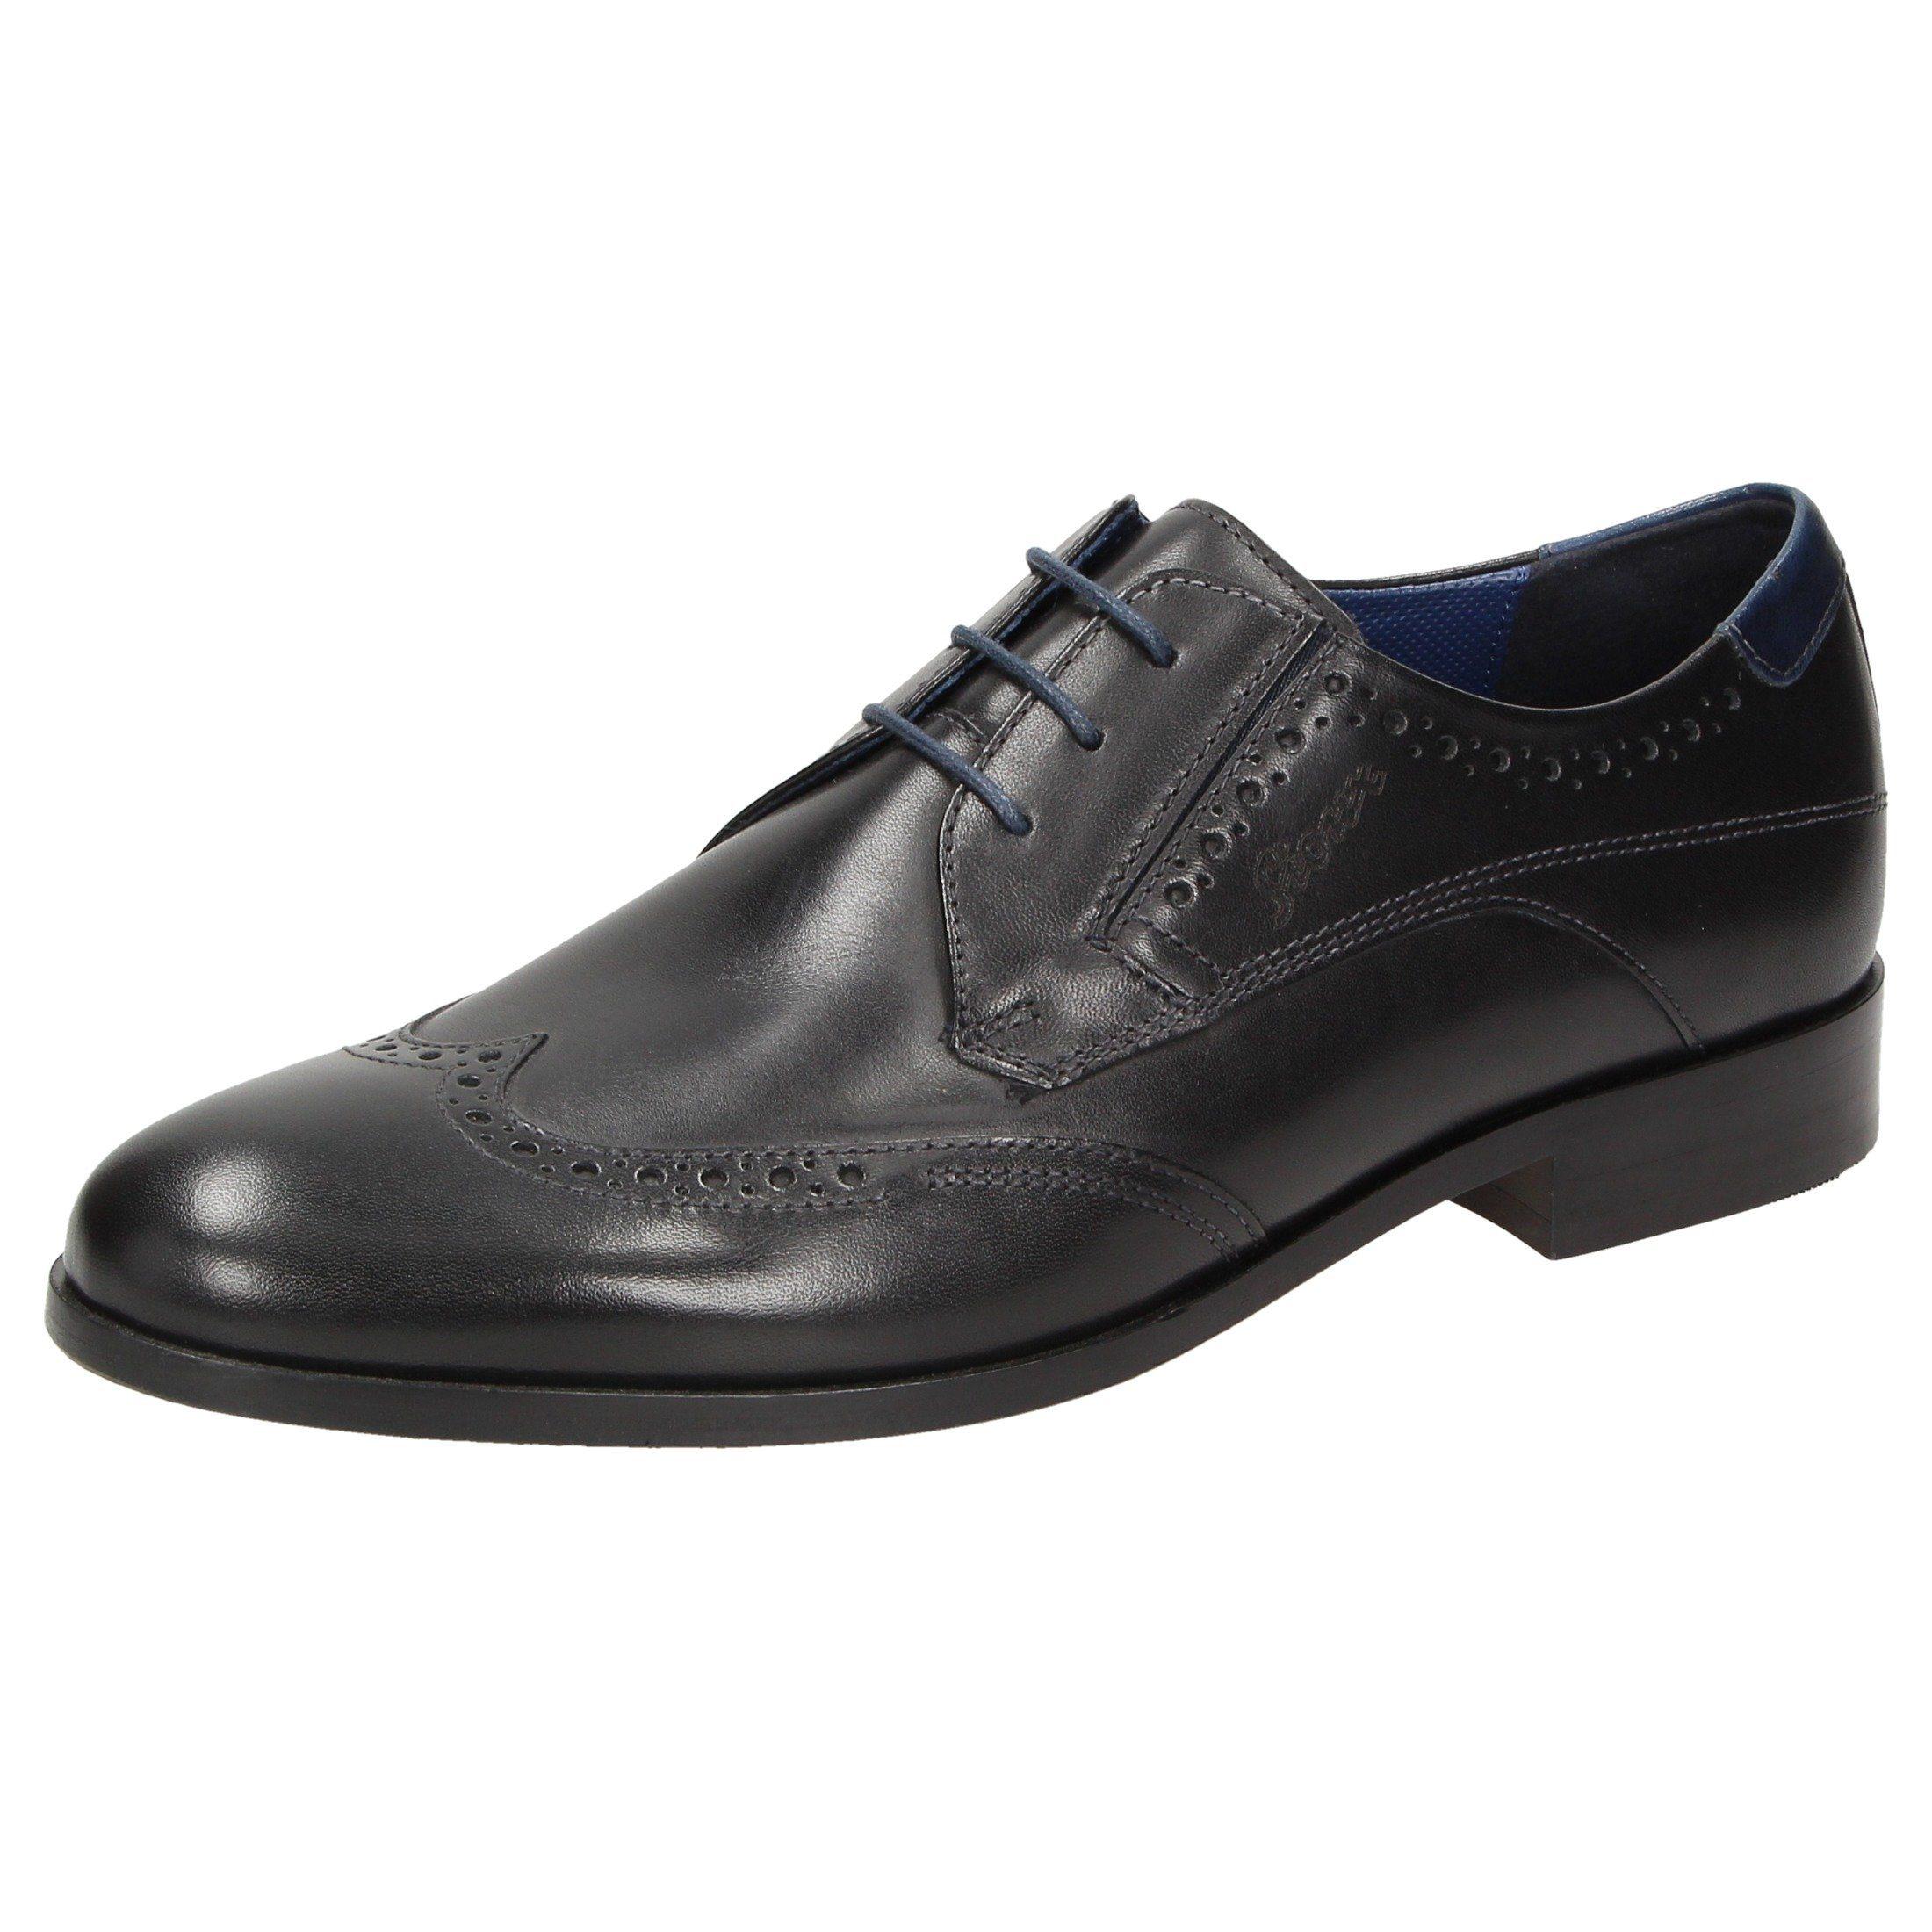 SIOUX Schnürschuh Jaromir-705 | Schuhe > Schnürschuhe | Schwarz | Textil - Stoff | Sioux